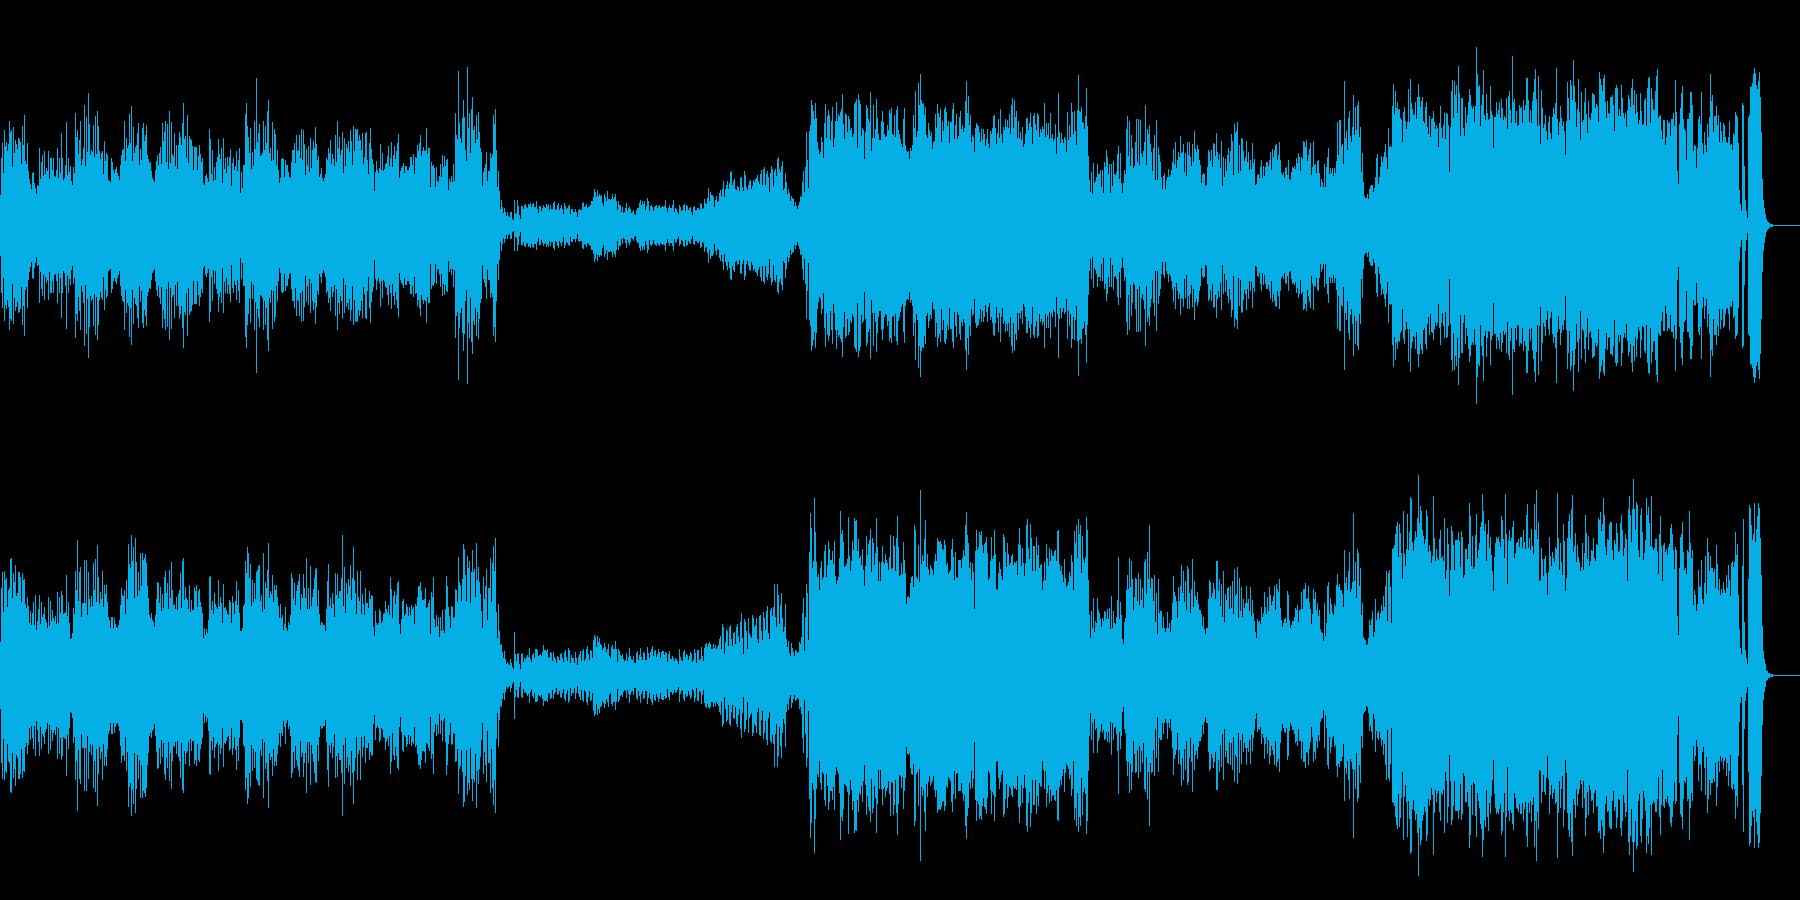 『威風堂々 』 第1番 オーケストラの再生済みの波形